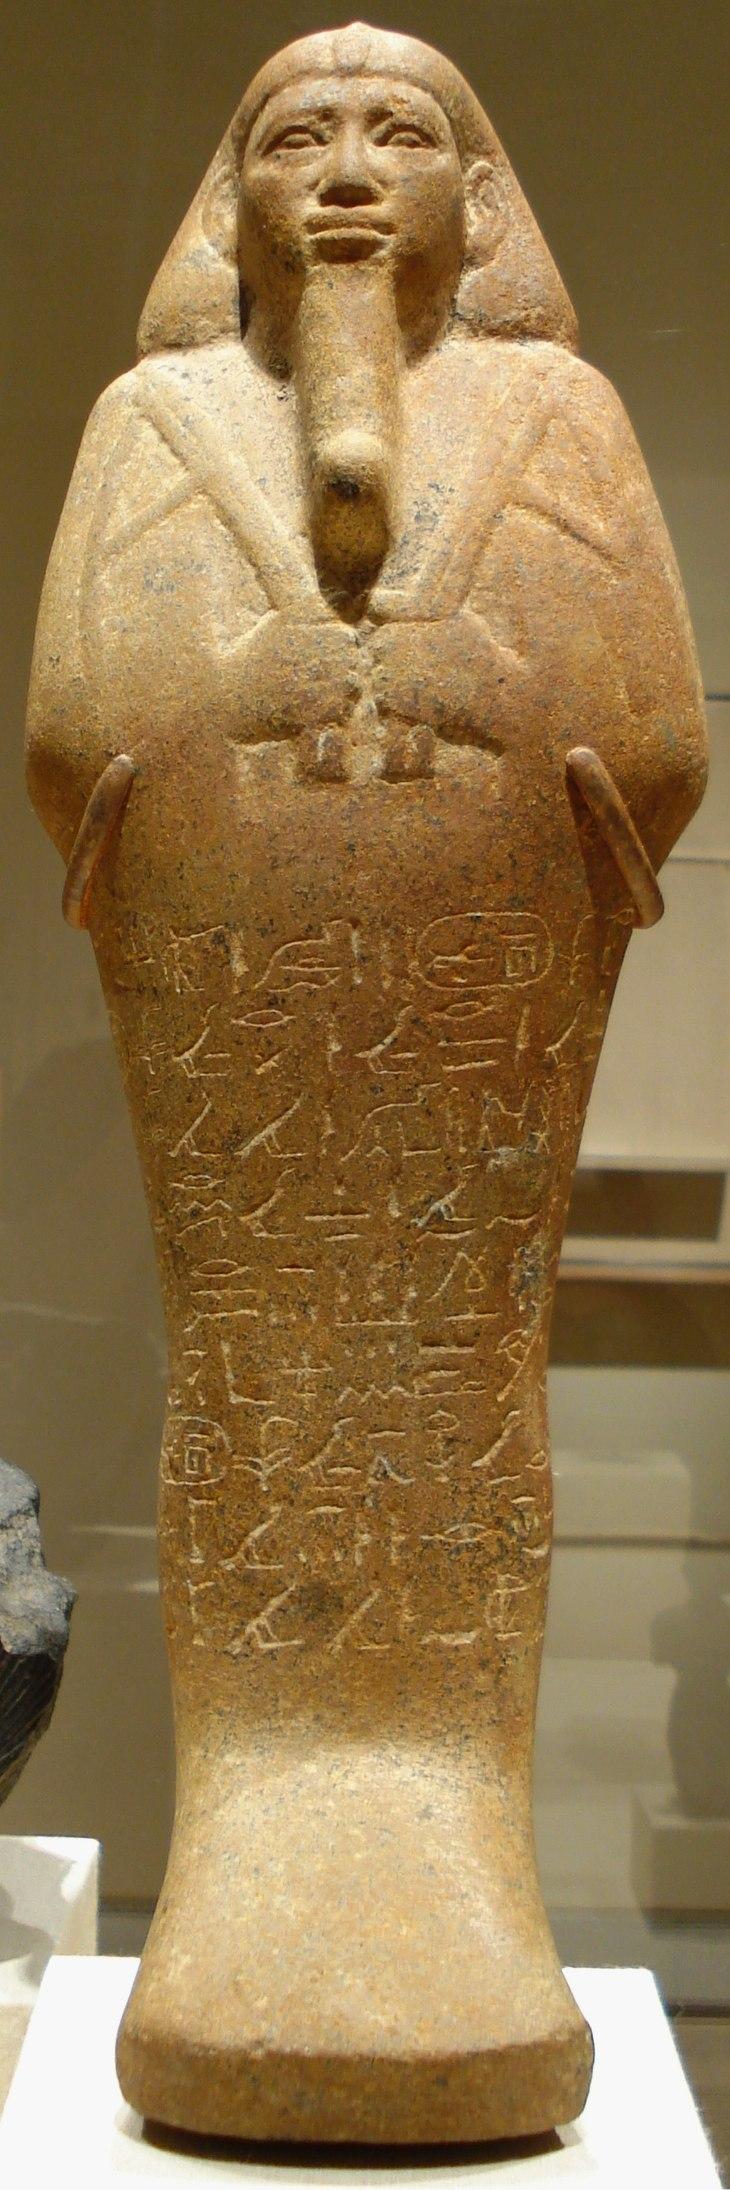 Shabti of King Taharqa